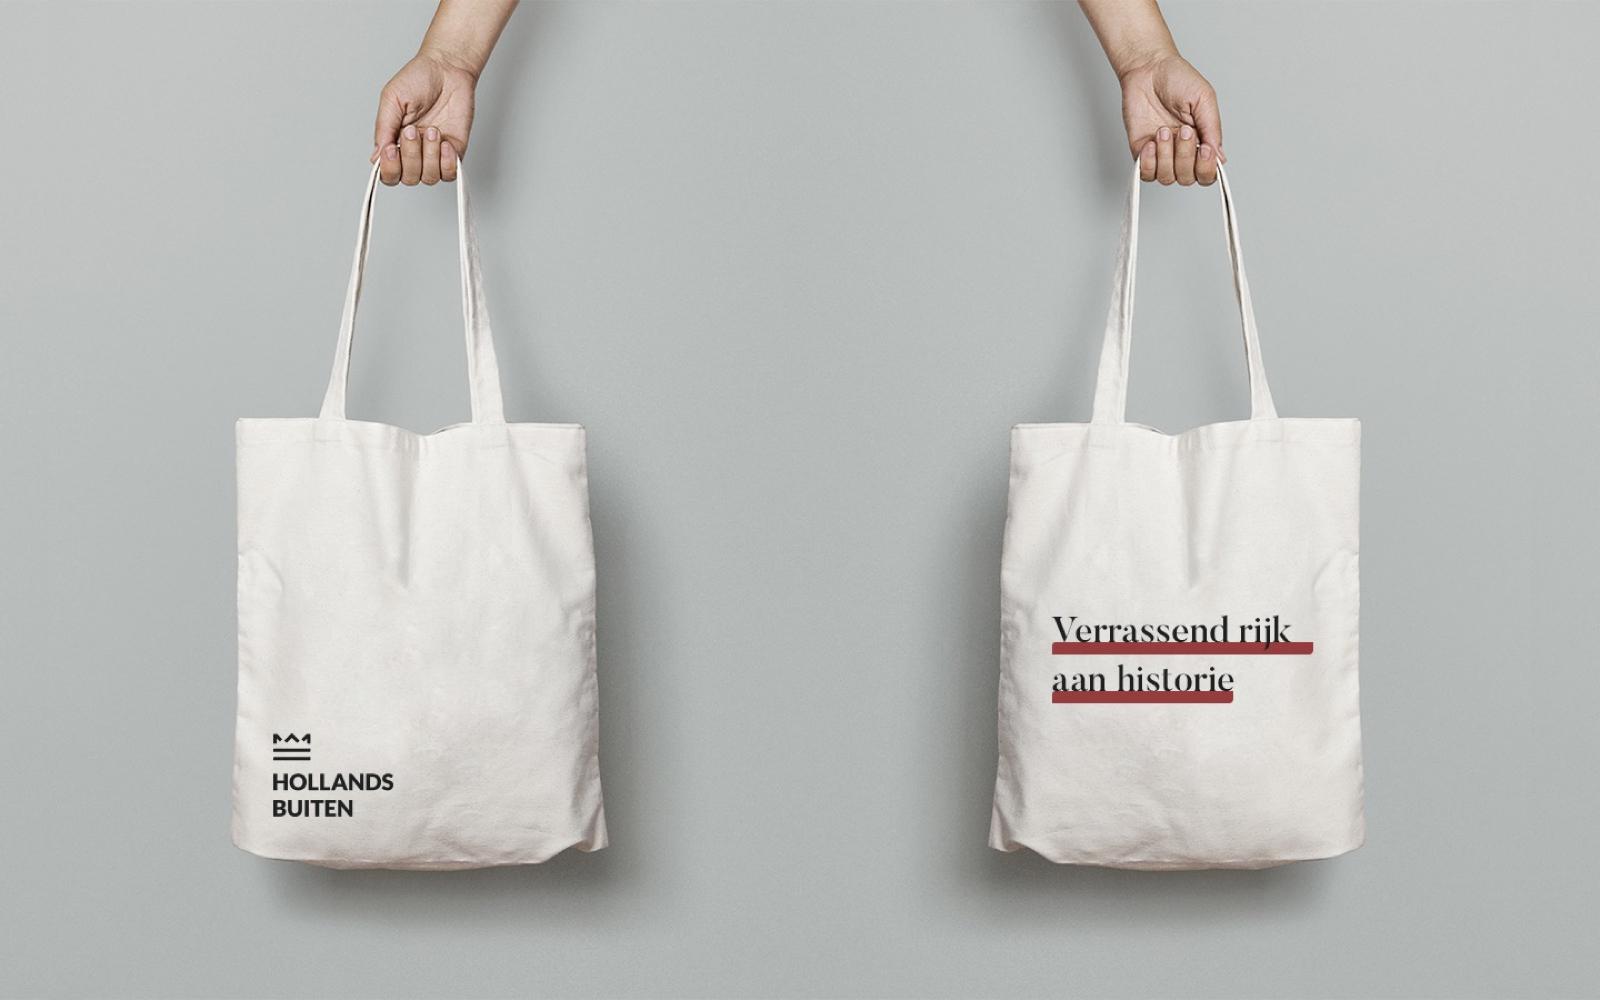 hollands-buiten-merchandise